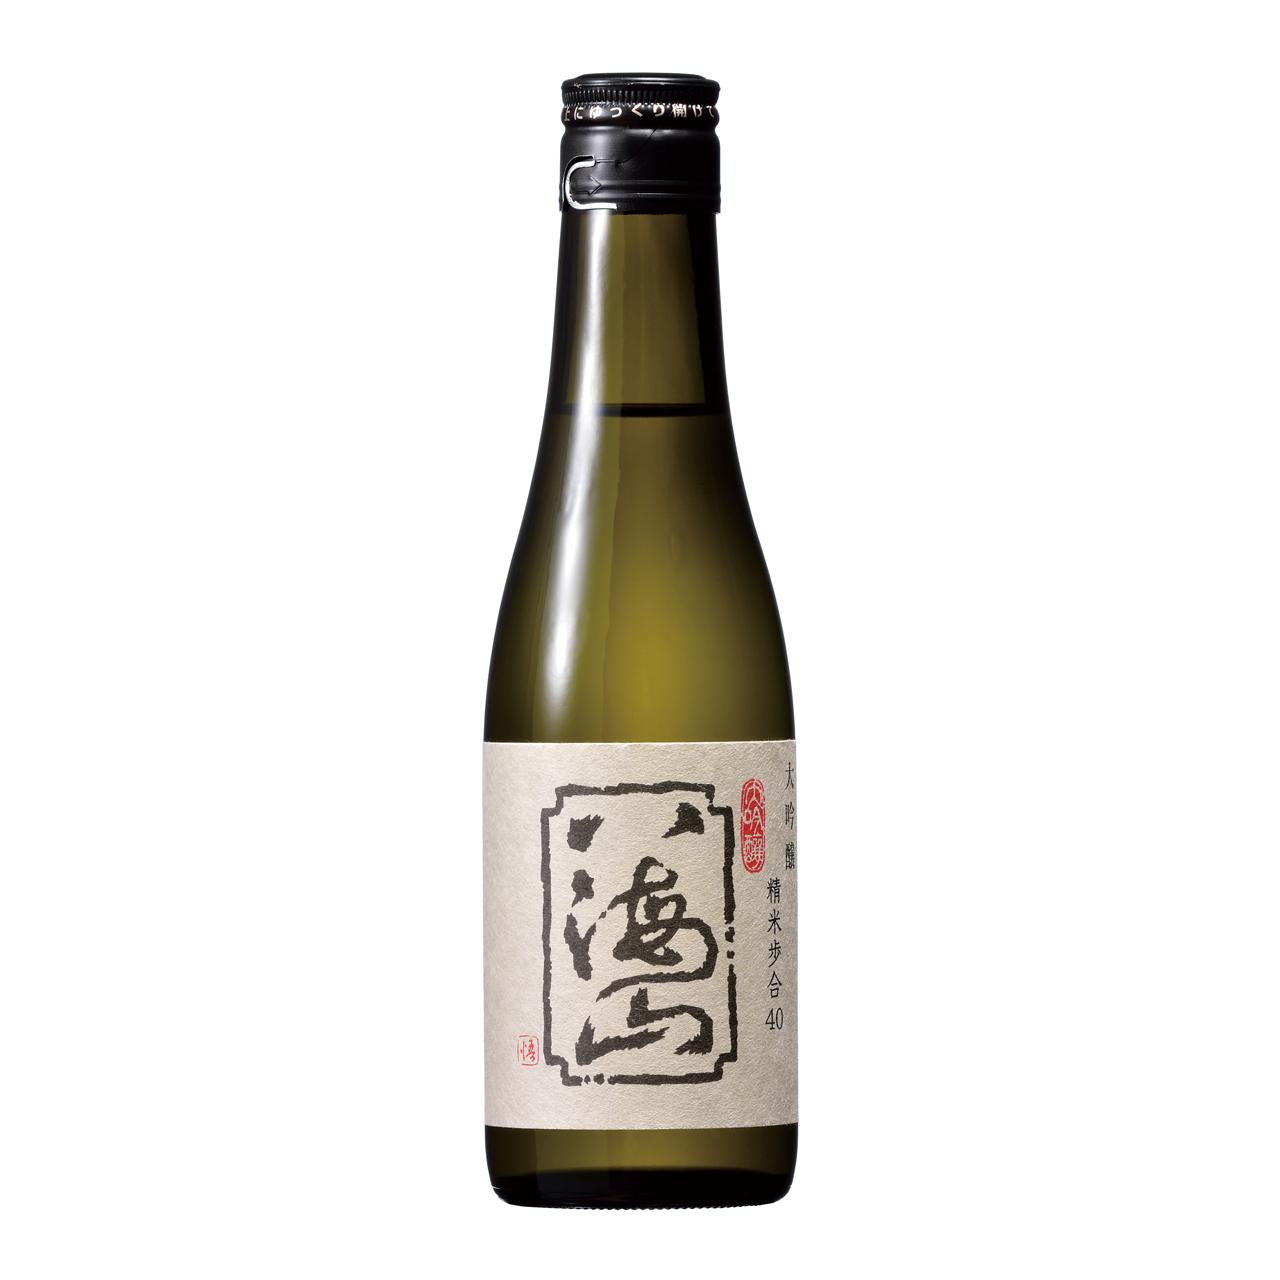 【ラッキーシール対応】お歳暮 ギフト 八海山 大吟醸 300ML  15本 新潟県 八海山 日本酒 ケース販売 送料無料